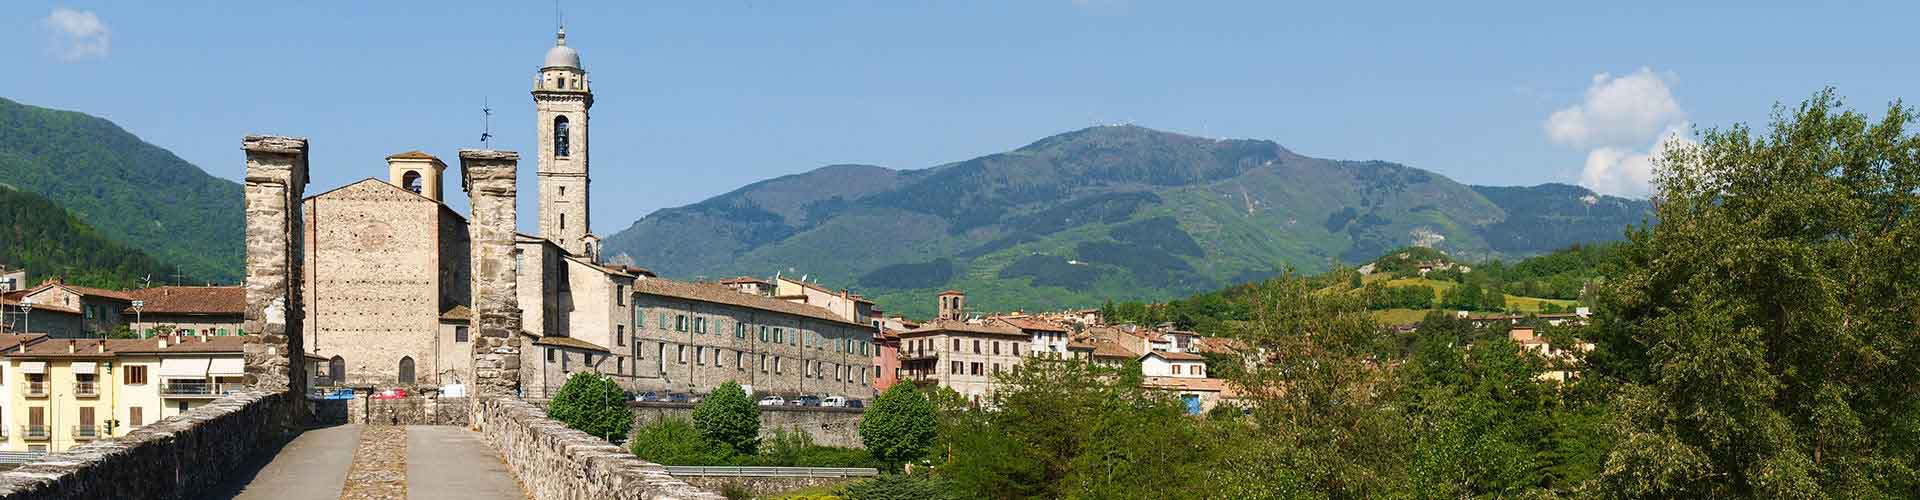 Piacenza - Habitaciones en Piacenza. Mapas de Piacenza, Fotos y comentarios de cada Habitación en Piacenza.